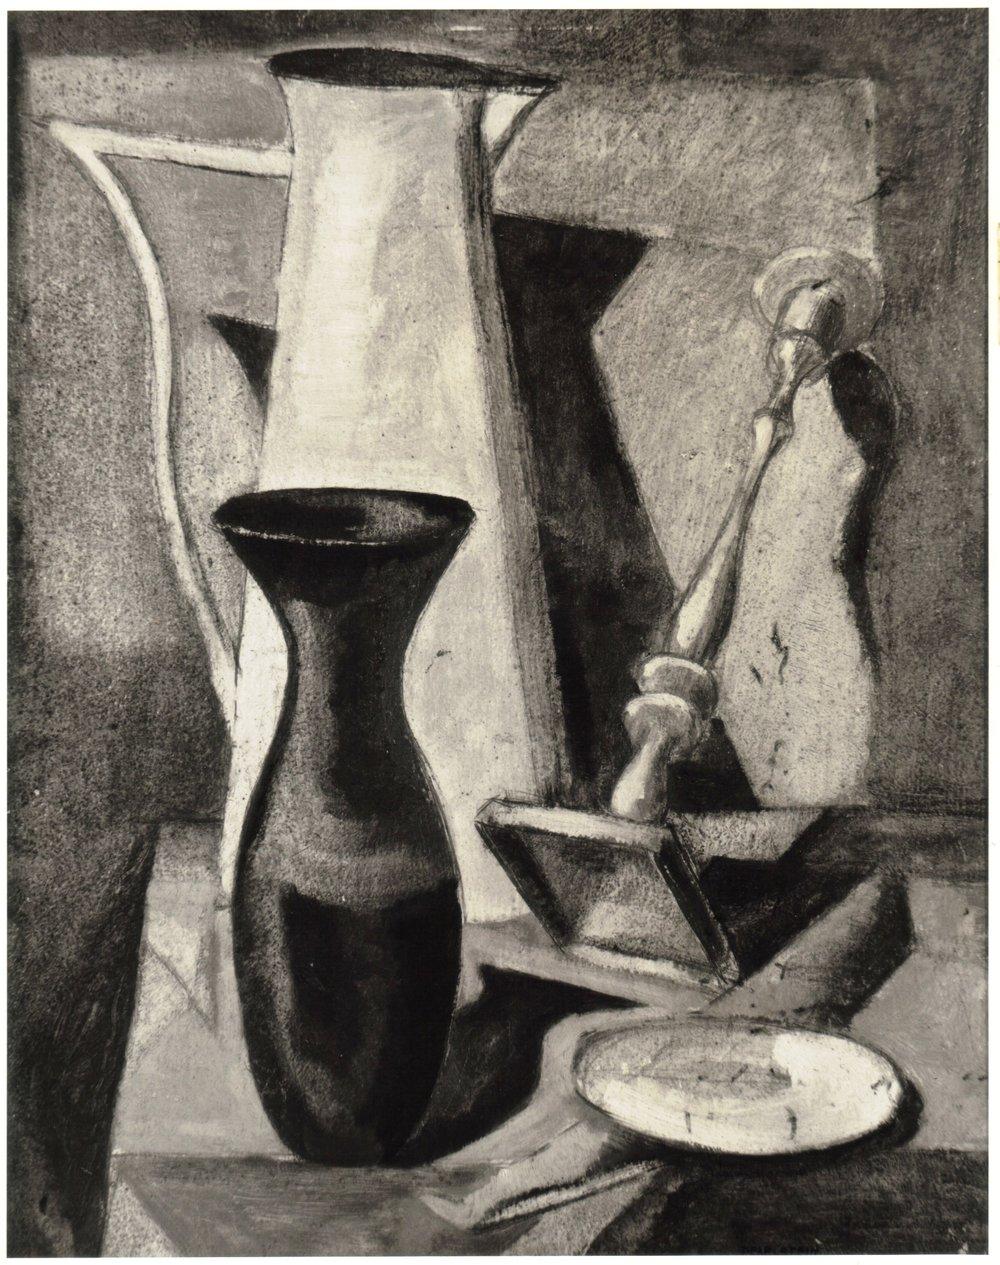 44. 1947, Still Life, Oil on board, 19.875x16.75, 1947.jpg